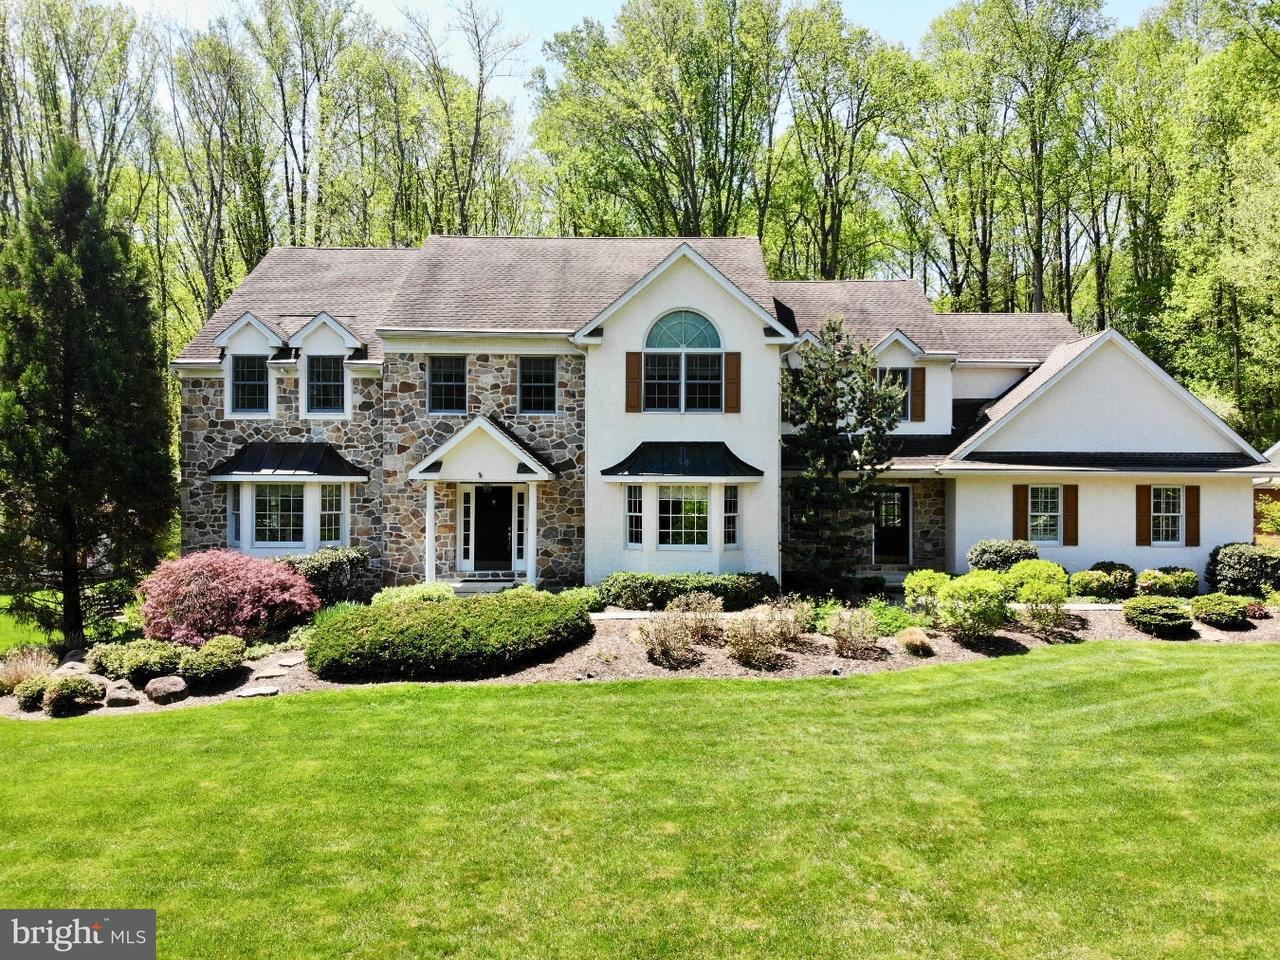 独户住宅 为 销售 在 44 DELANEY Drive Downingtown, 宾夕法尼亚州 19335 美国